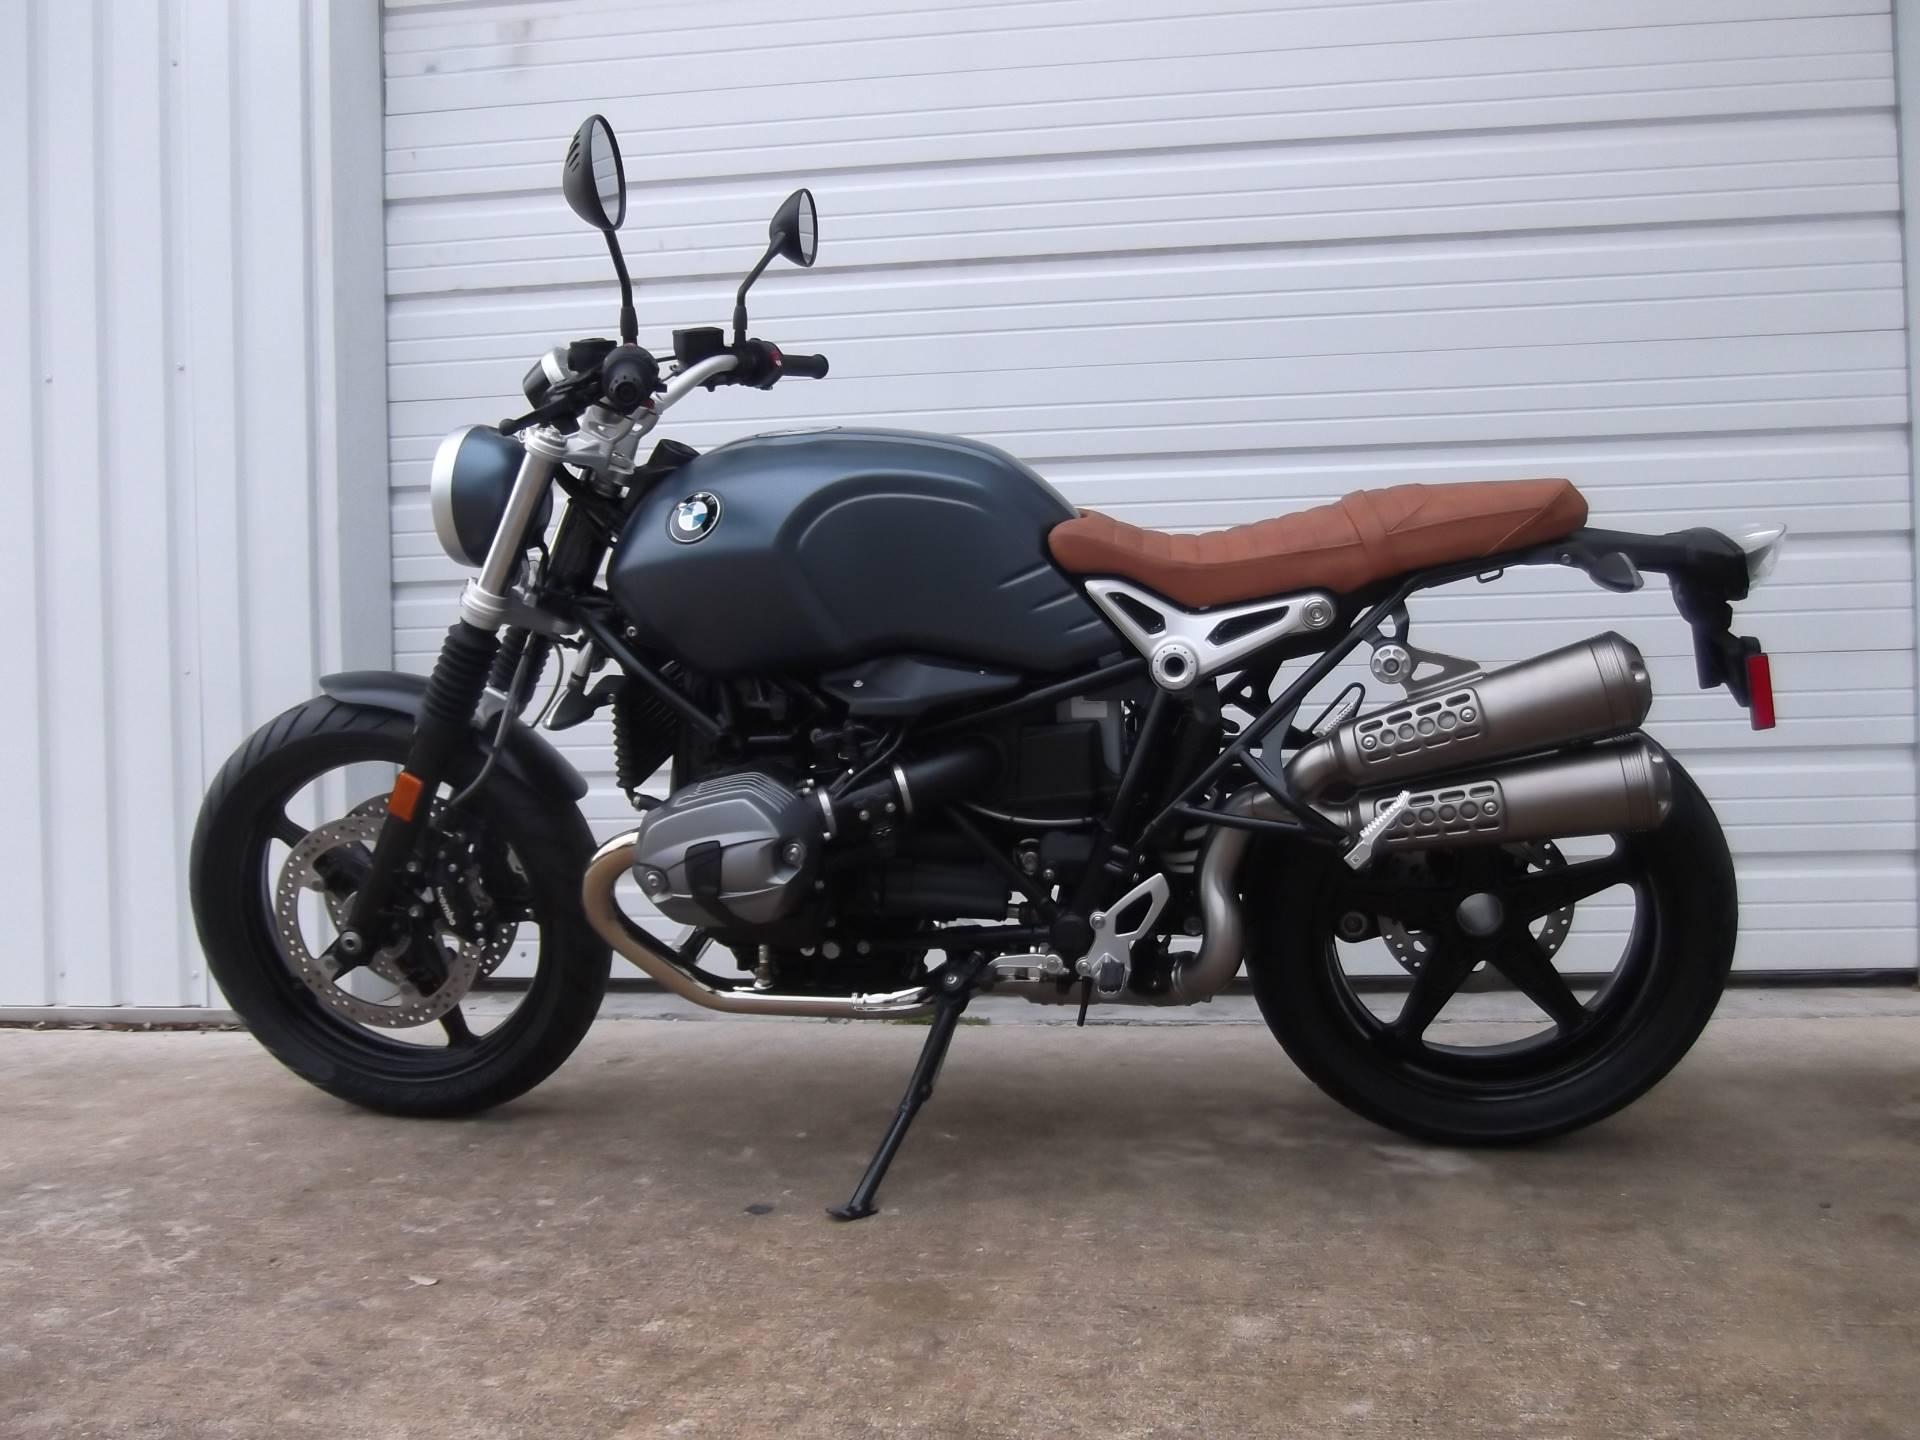 new 2019 bmw r ninet scrambler motorcycles in boerne tx. Black Bedroom Furniture Sets. Home Design Ideas